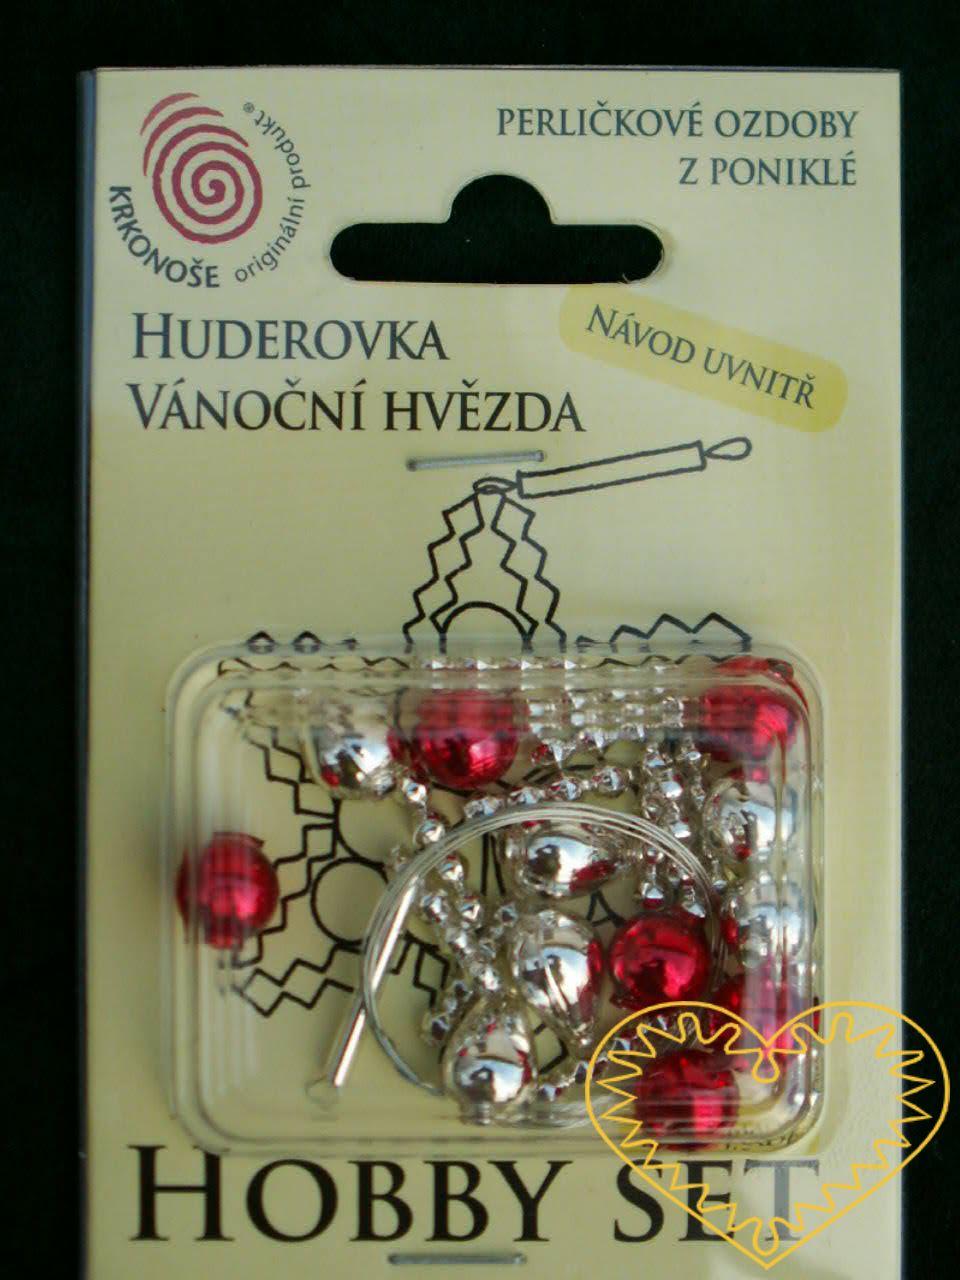 Hobby set - vánoční hvězda huderovka - stříbrno červená. Chcete si sami vyrobit vlastní vánoční skleněnou ozdobu? Nebo někomu věnovat milý tvořivý dáreček? K tomu Vám výborně poslouží tento hobby set. Každé balení obsahuje veškerý potřebný materiál k